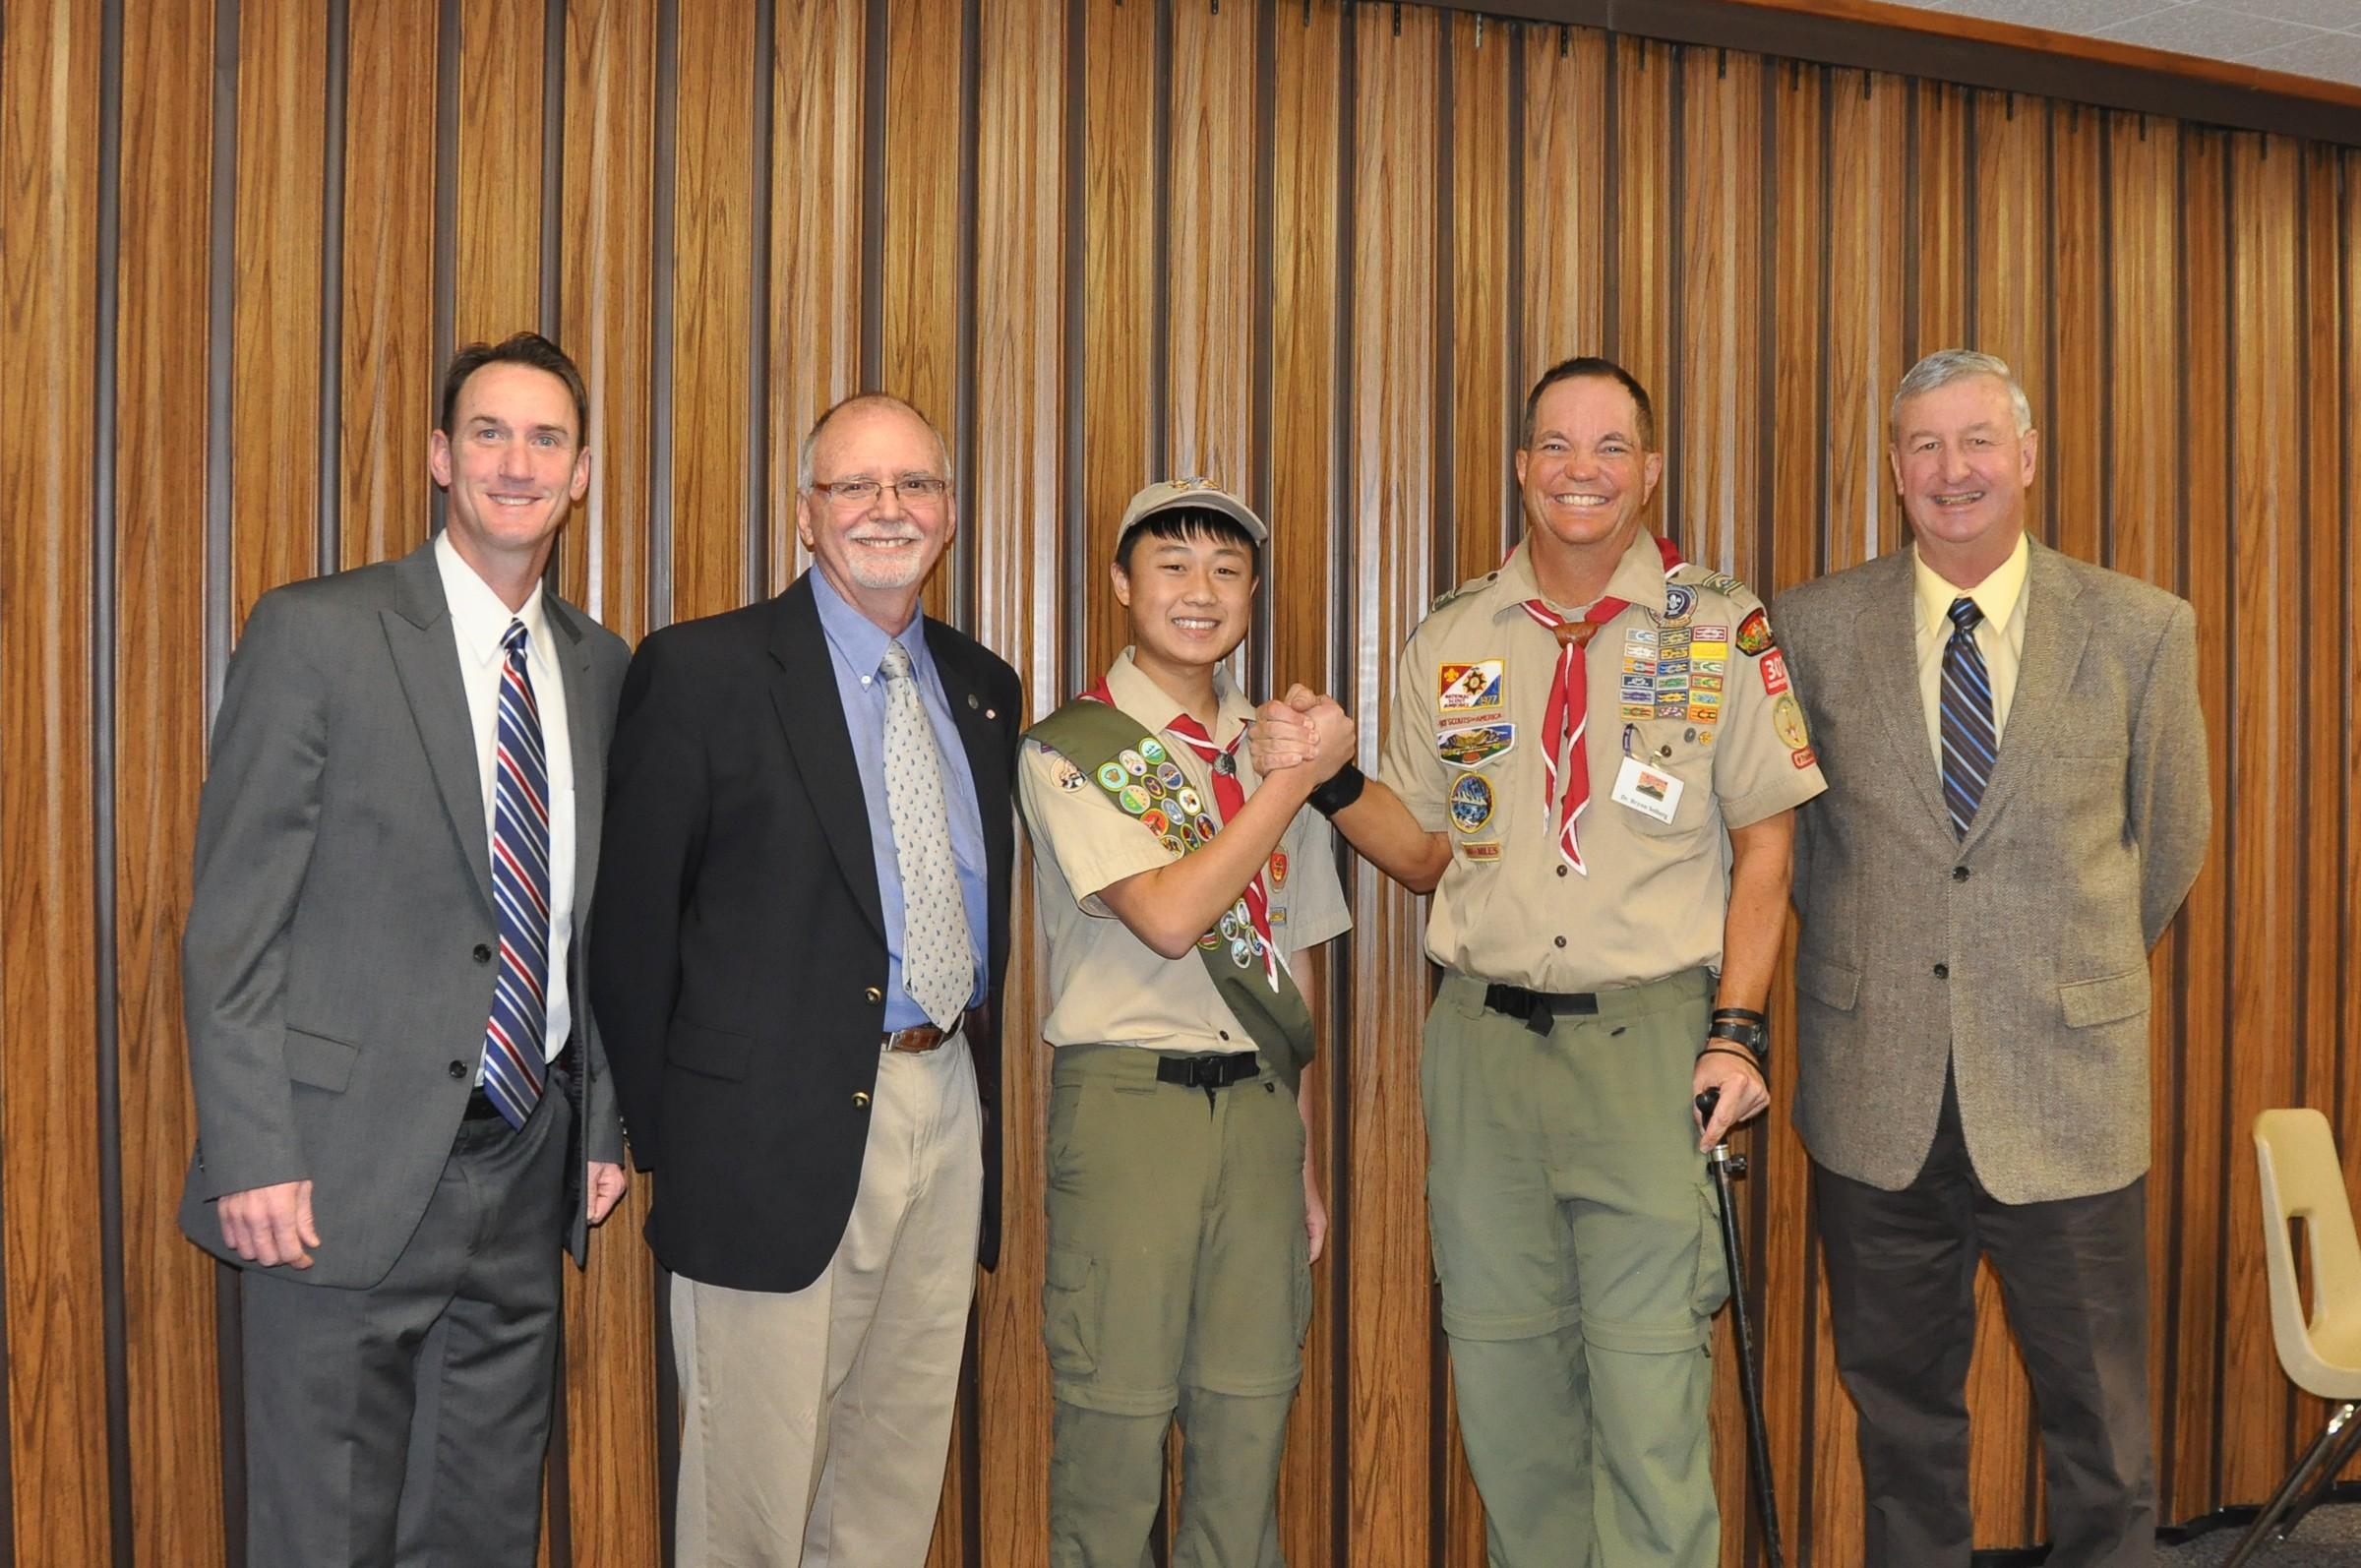 Nathan Khuu earns his Eagle Scout Rank